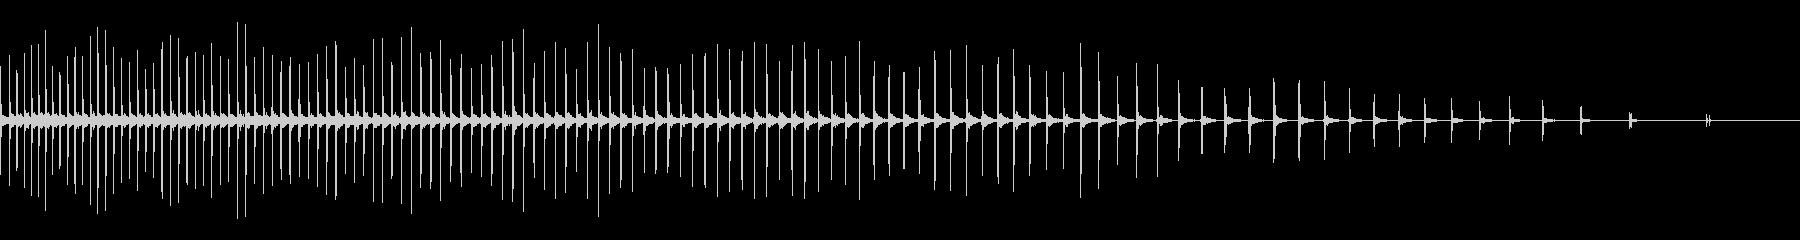 [生録音]自転車のラチェット音03-遅めの未再生の波形